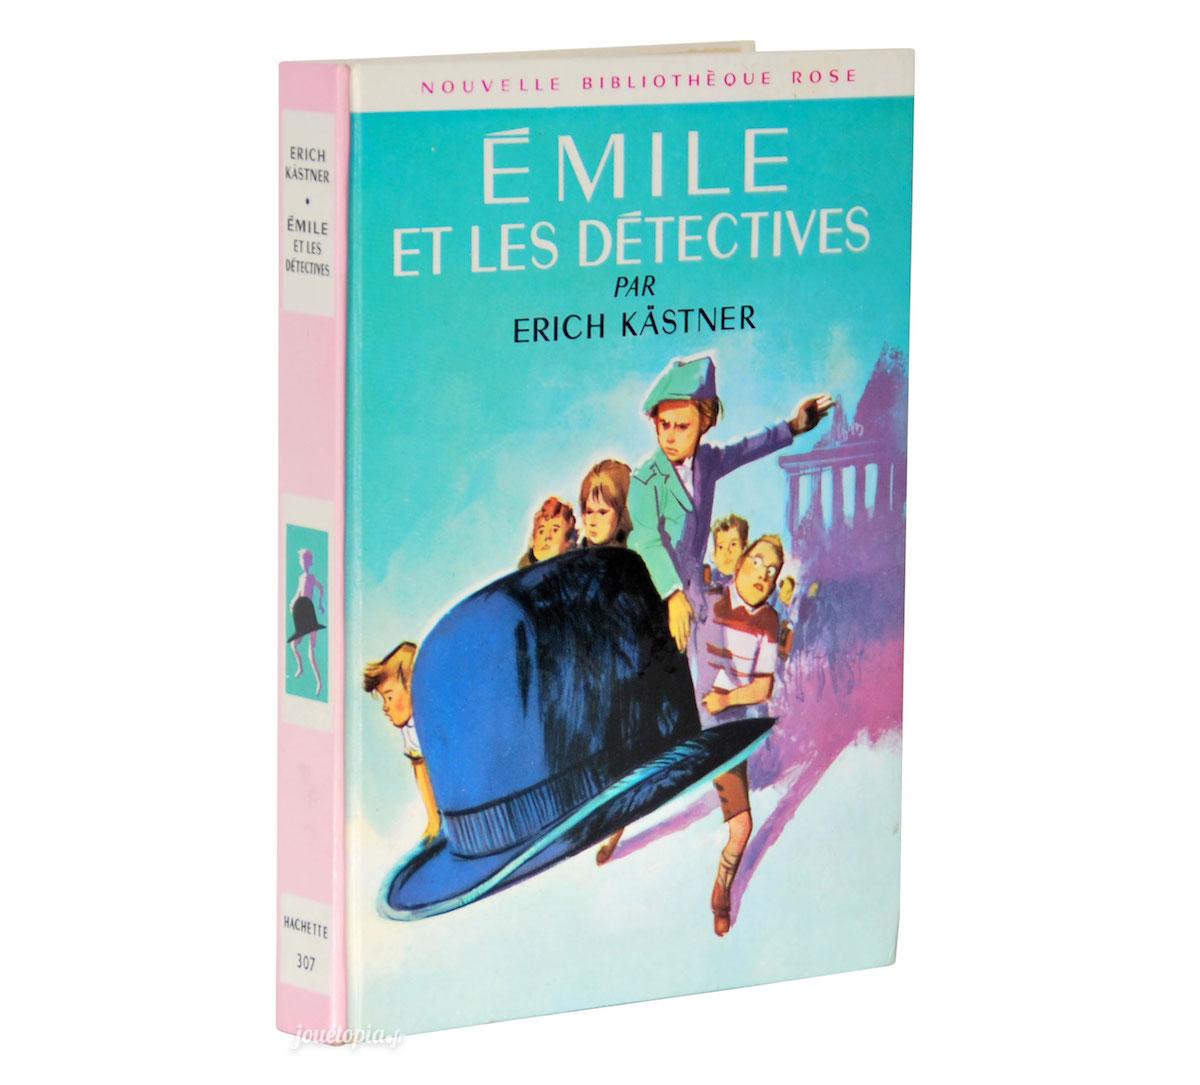 Livre Emile Et Les Detectives Nouvelle Bibliotheque Rose